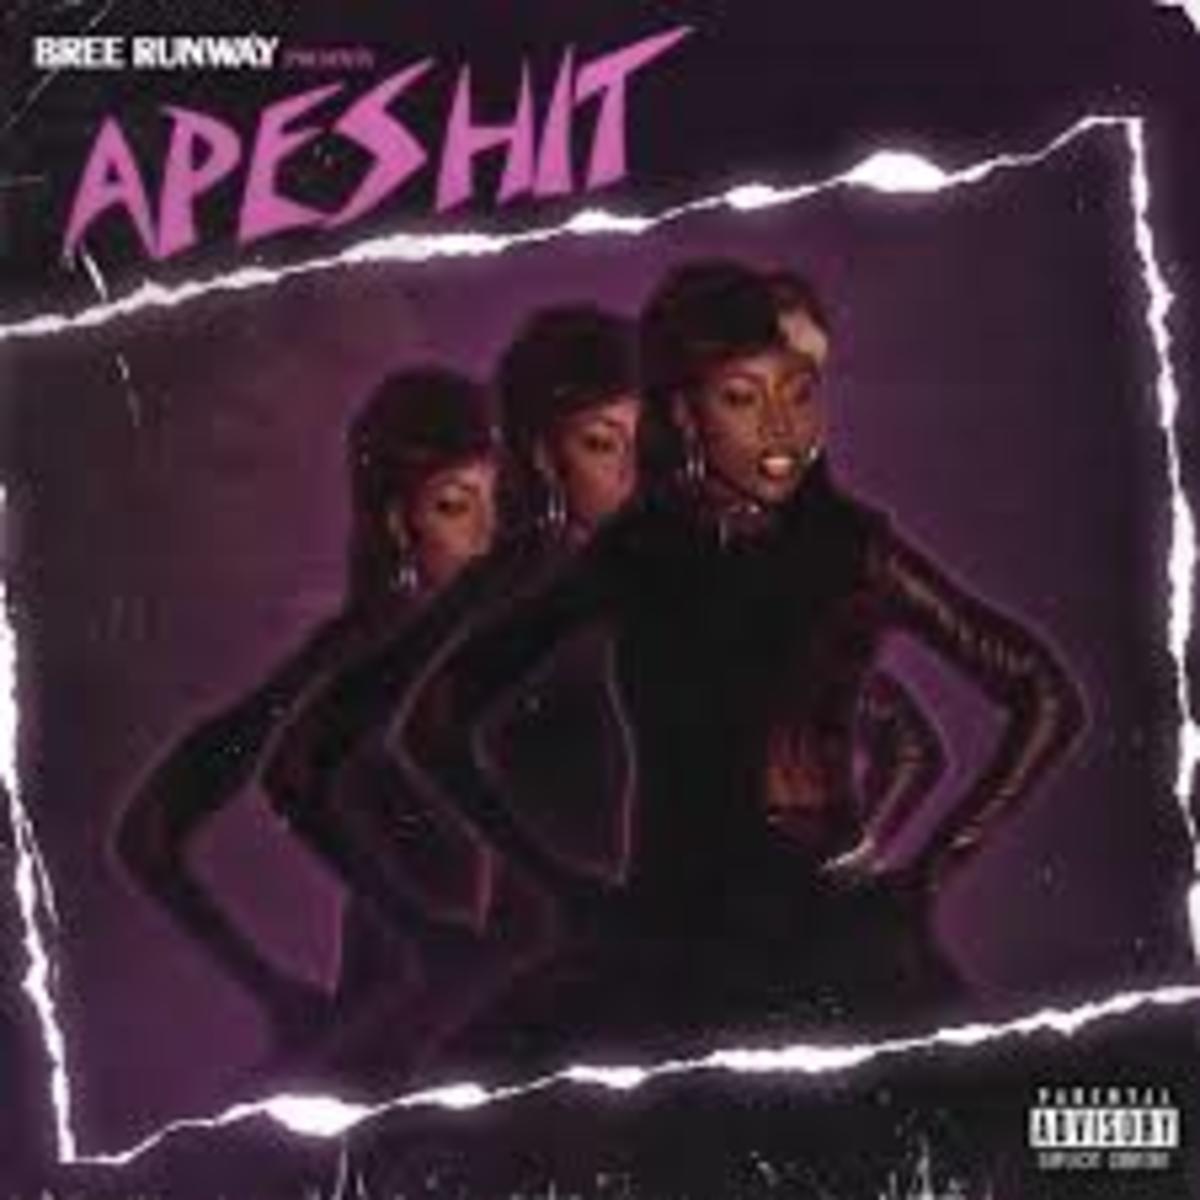 Bree Runway - APESHIT